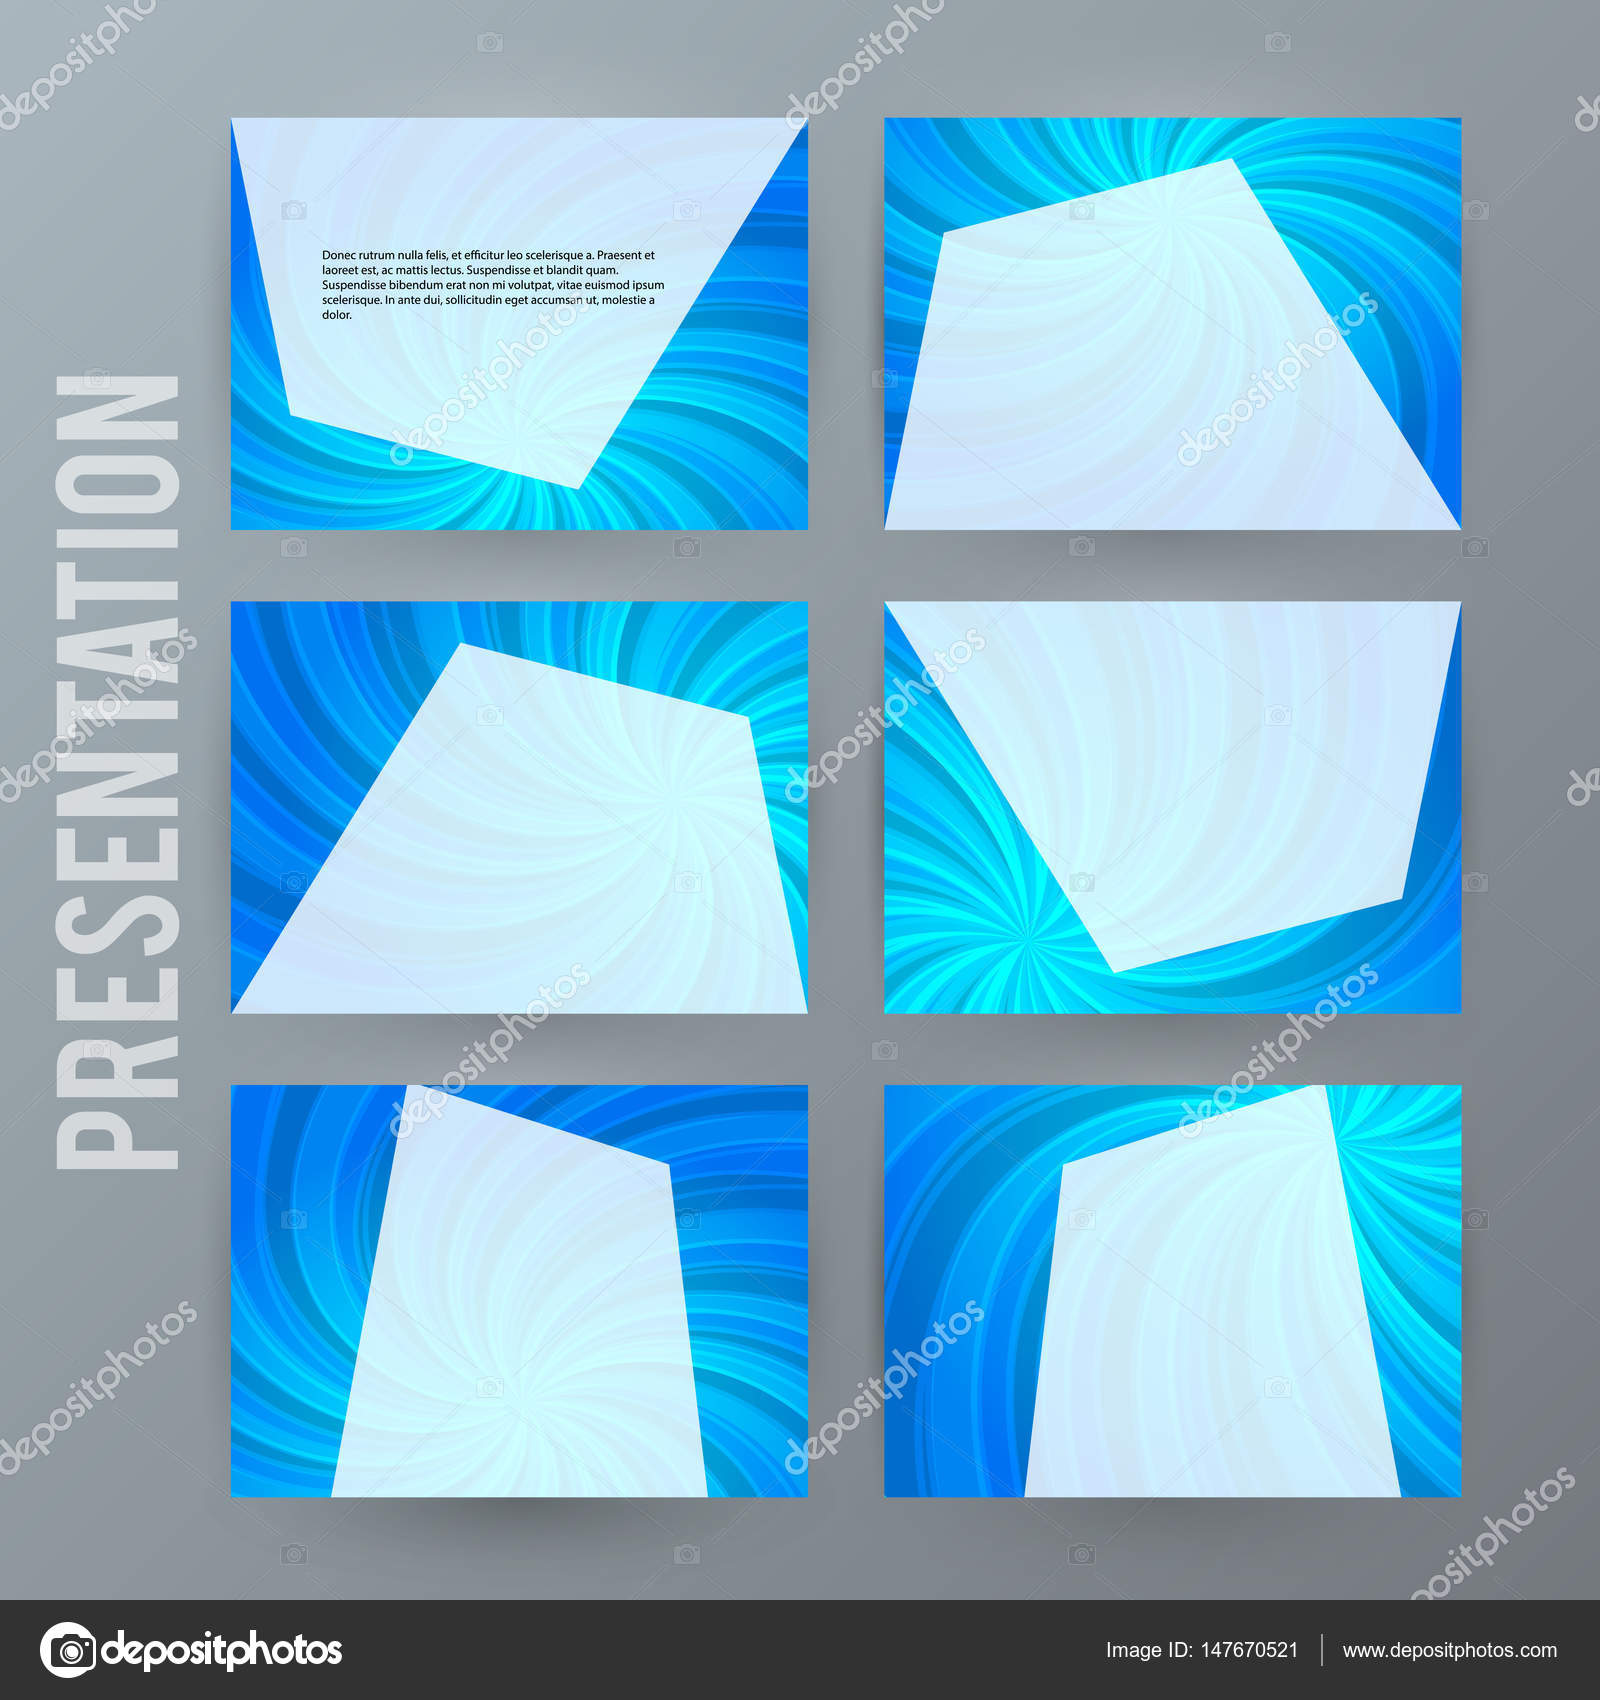 プレゼンテーションのテンプレートを powerpoint の背景 blue05 セット